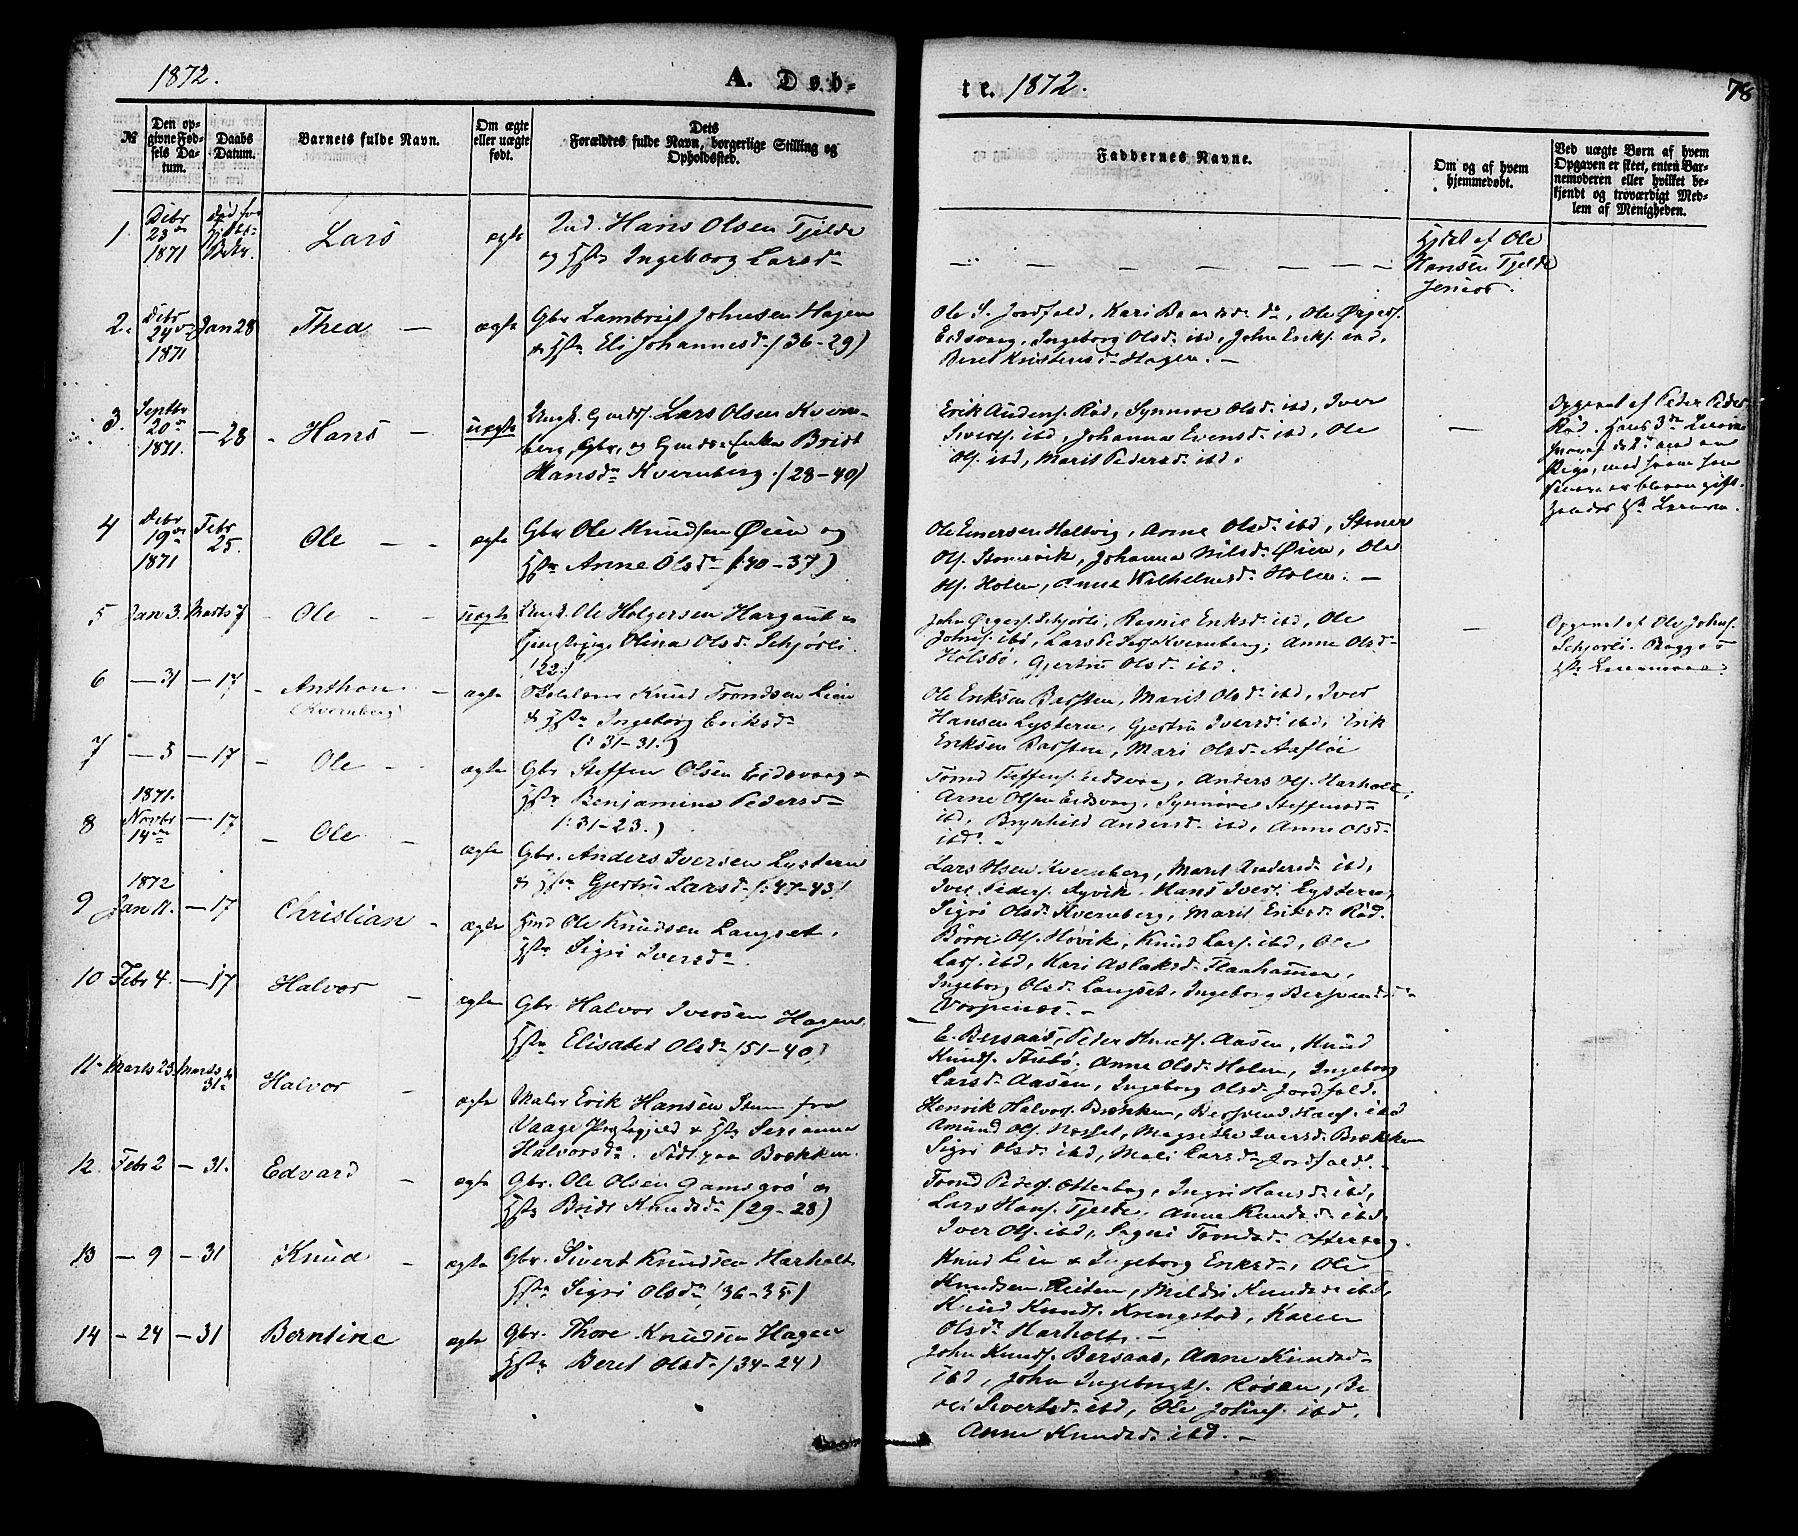 SAT, Ministerialprotokoller, klokkerbøker og fødselsregistre - Møre og Romsdal, 551/L0625: Ministerialbok nr. 551A05, 1846-1879, s. 78